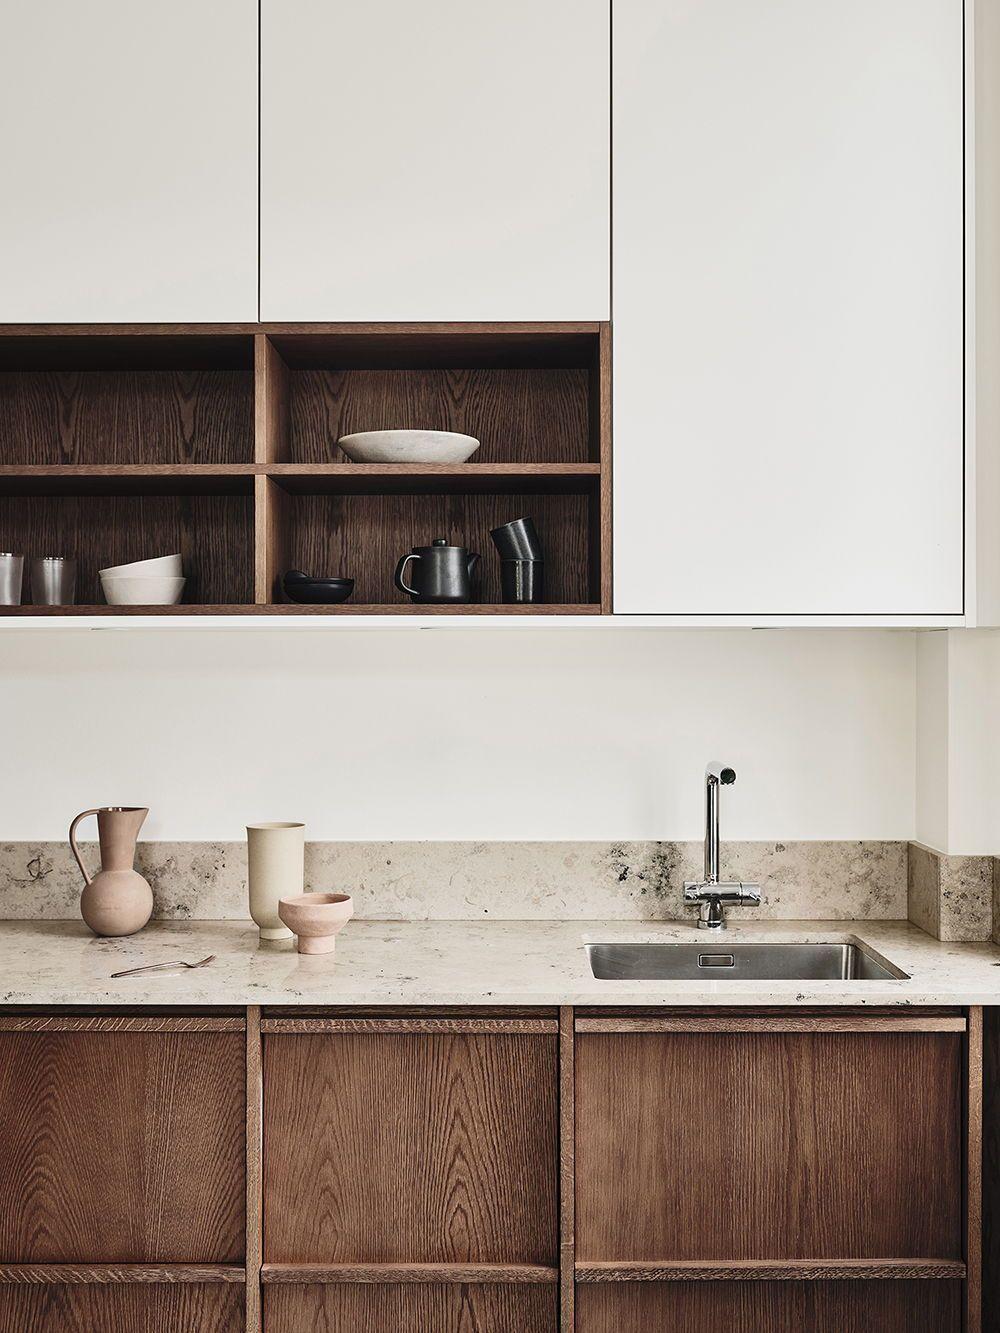 Entdecken Sie Mehr Inspiration Fur Wohnkultur Und Innenarchitektur Auf Www Holy Entdecken Sie Meh In 2020 Minimal Kitchen Design Home Decor Kitchen Kitchen Design